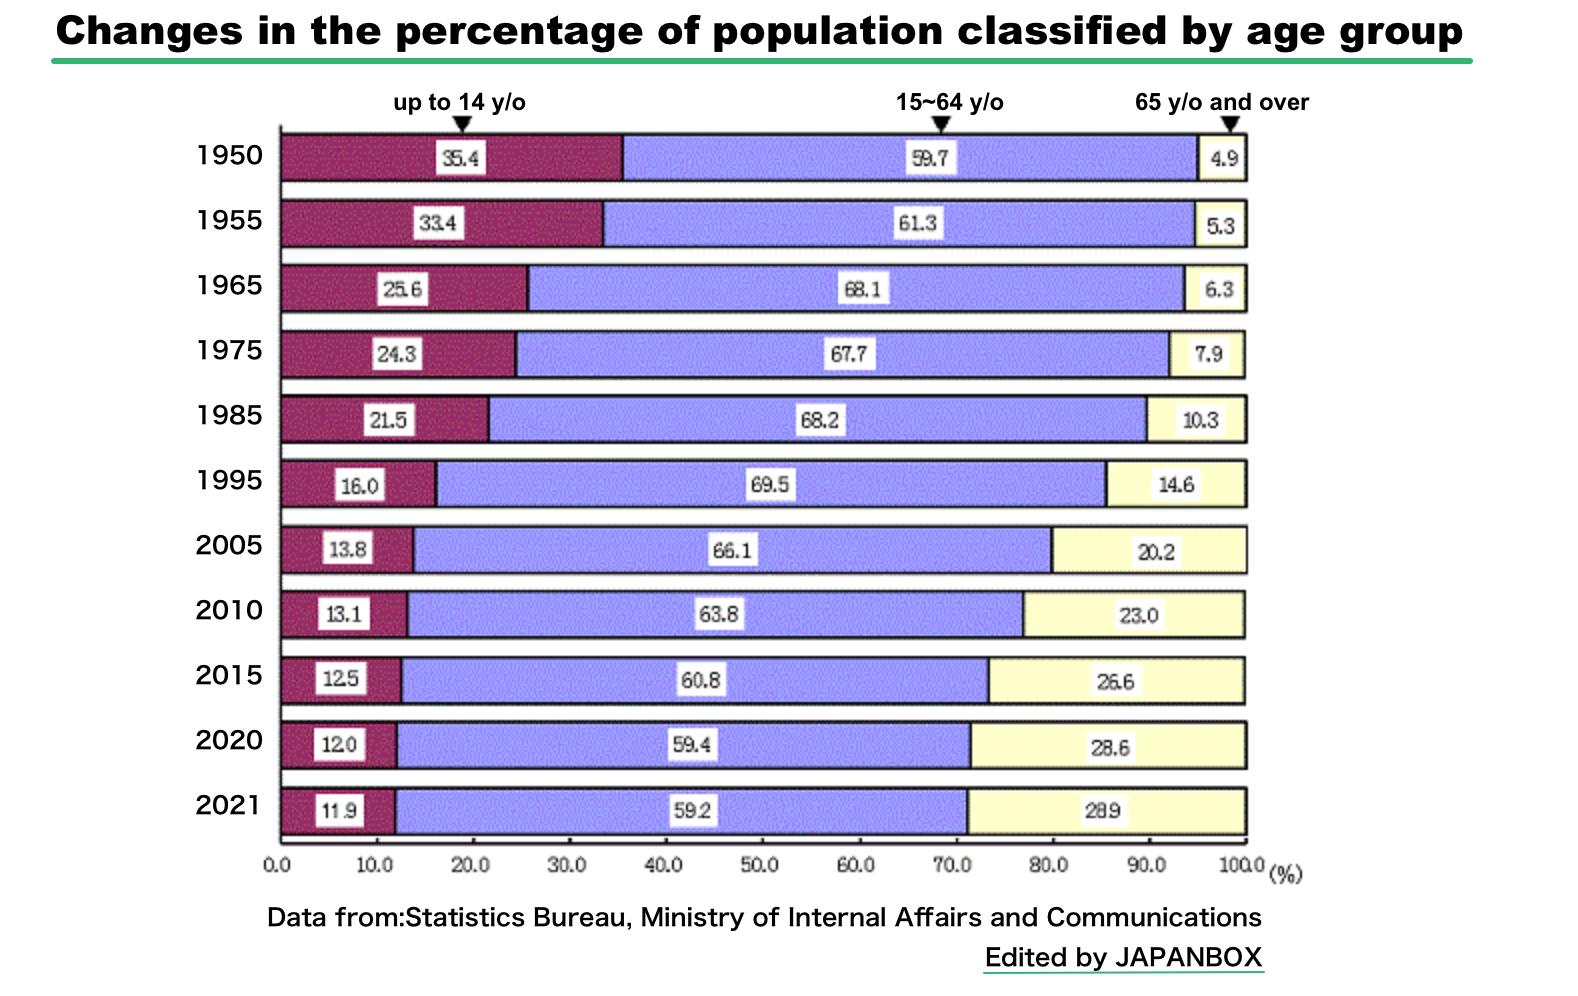 ジャパンボックス| 総務省統計局 年齢3区分別人口割合の推移 | JAPANBOX